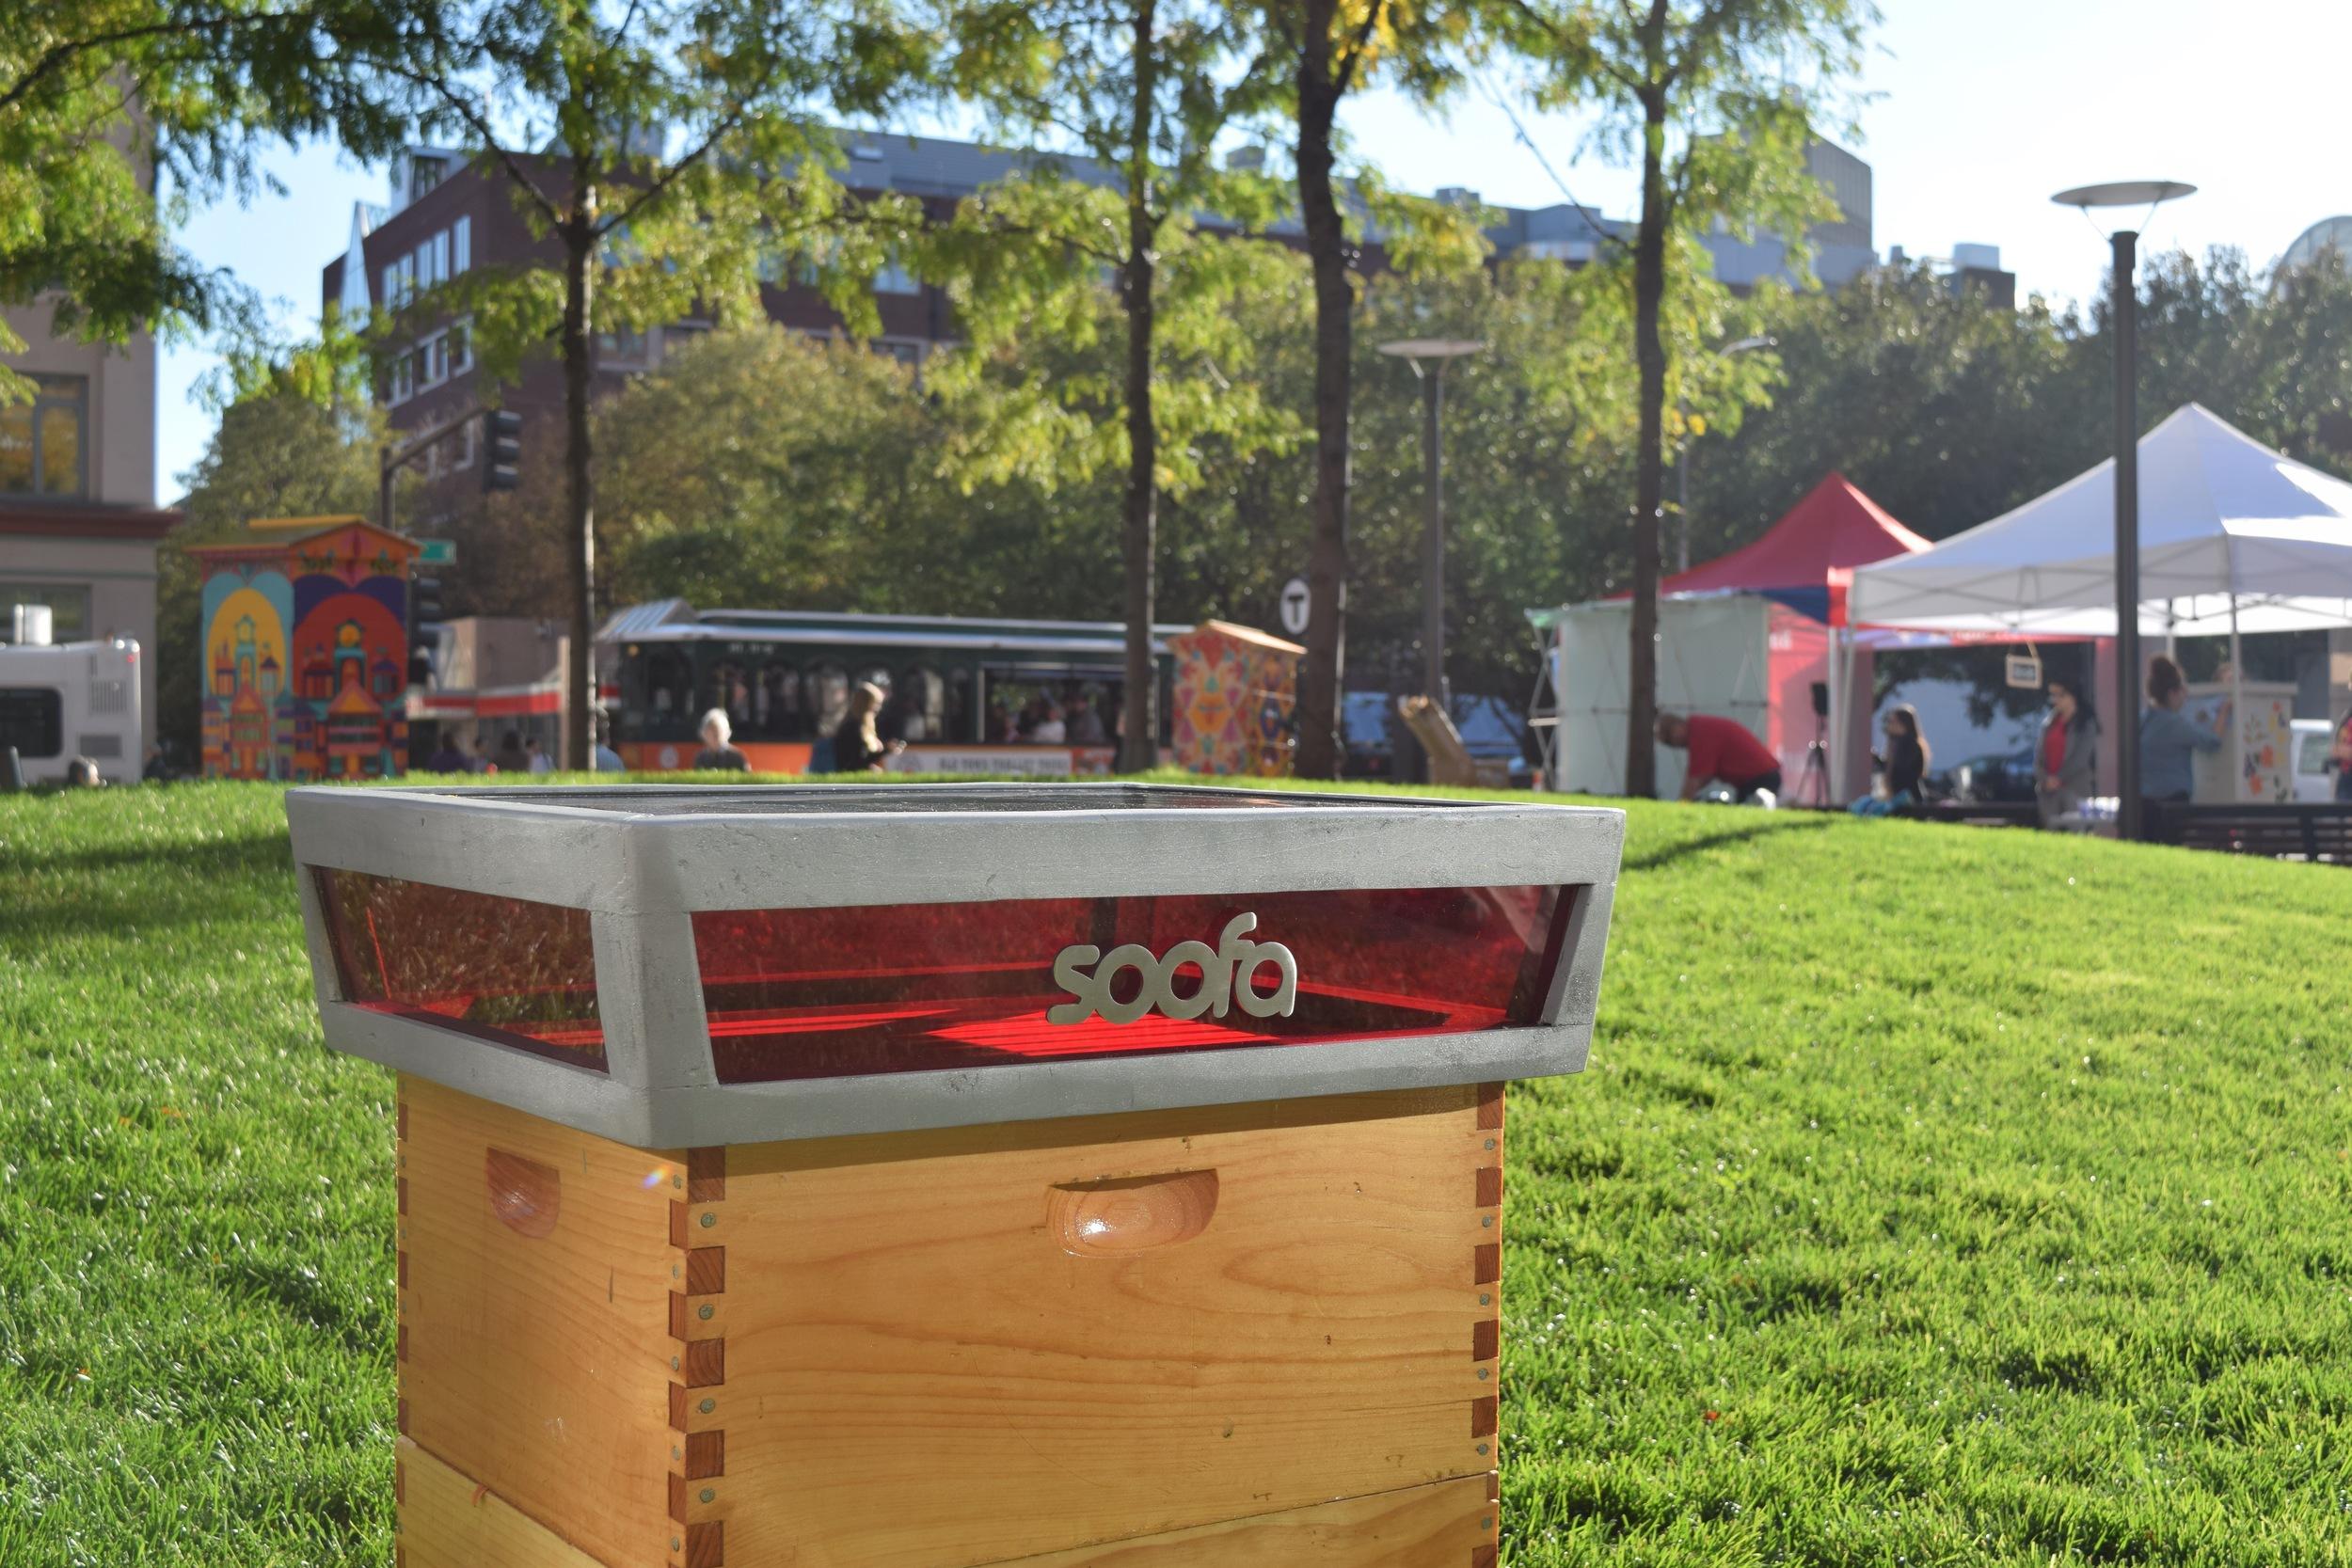 The Soofa Smart Hive